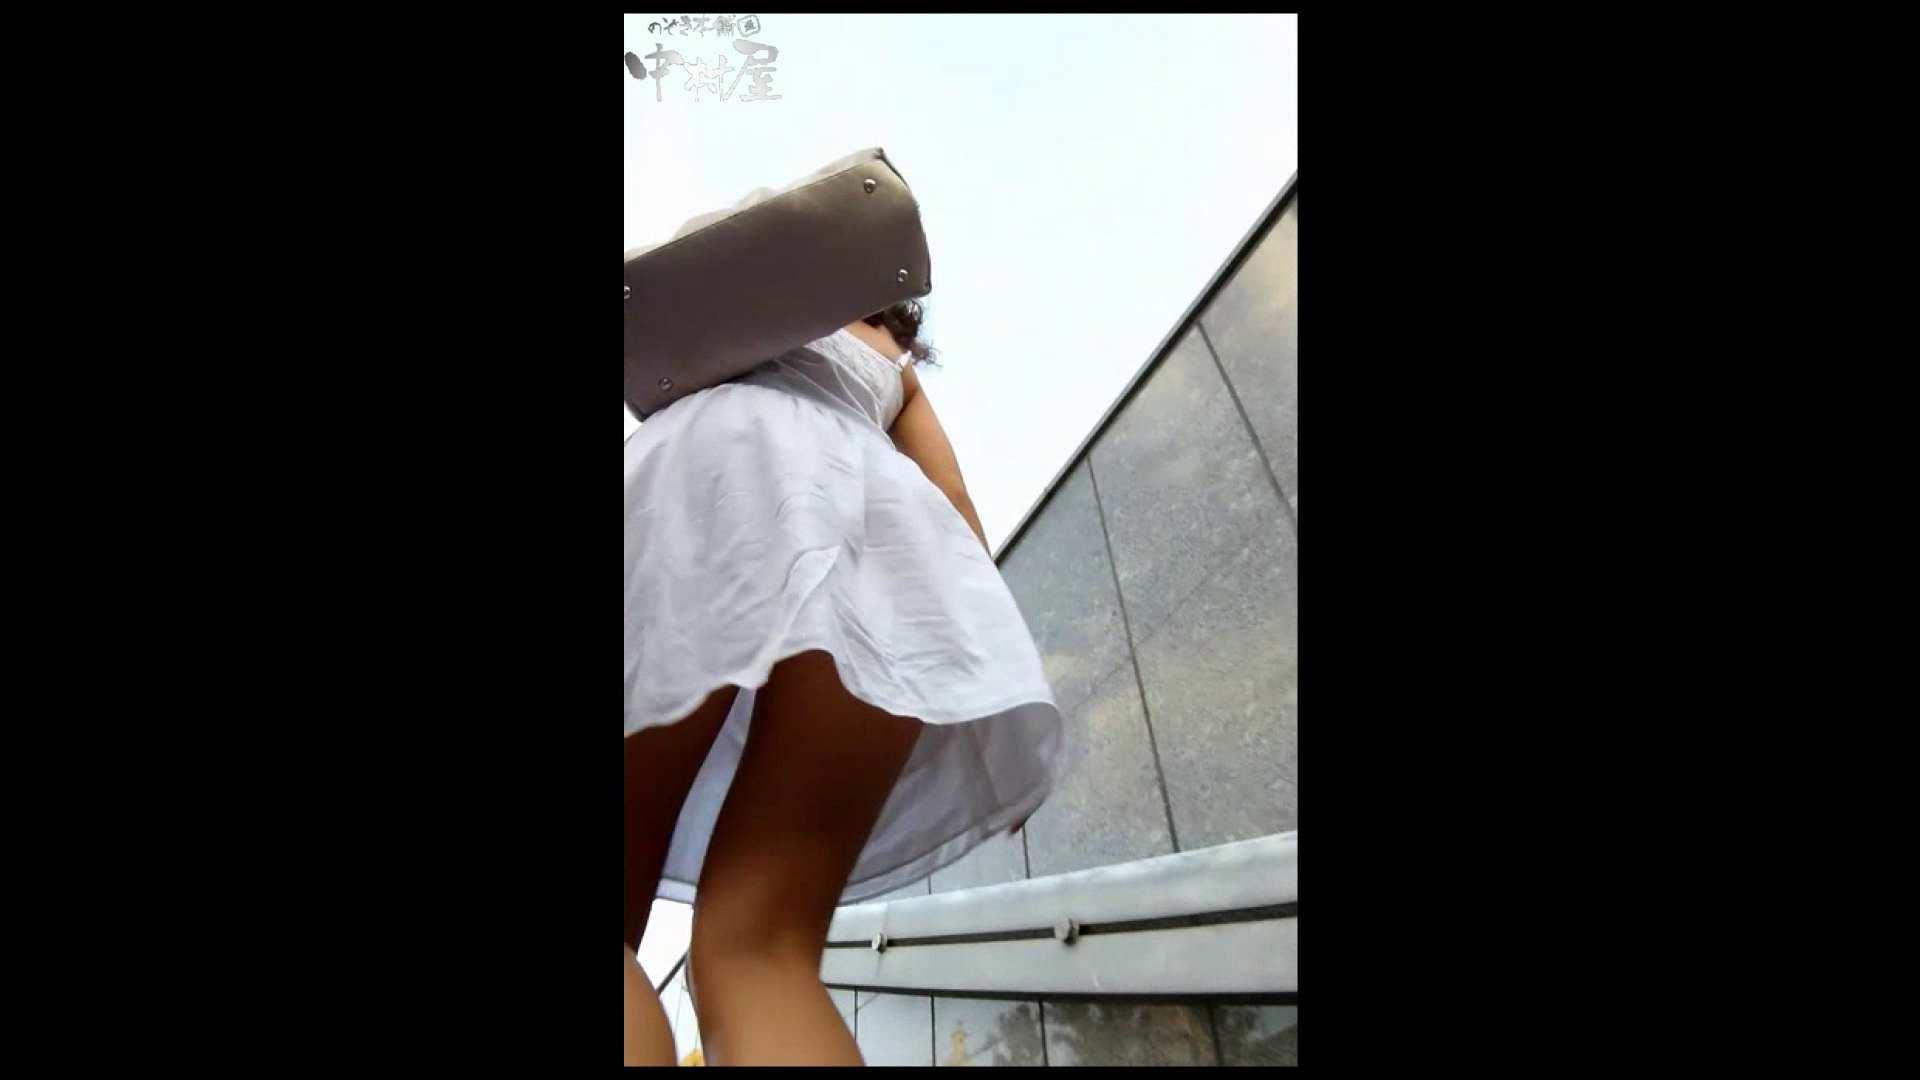 綺麗なモデルさんのスカート捲っちゃおう‼ vol29 OLのエロ生活 | モデルのエロ生活  83連発 28